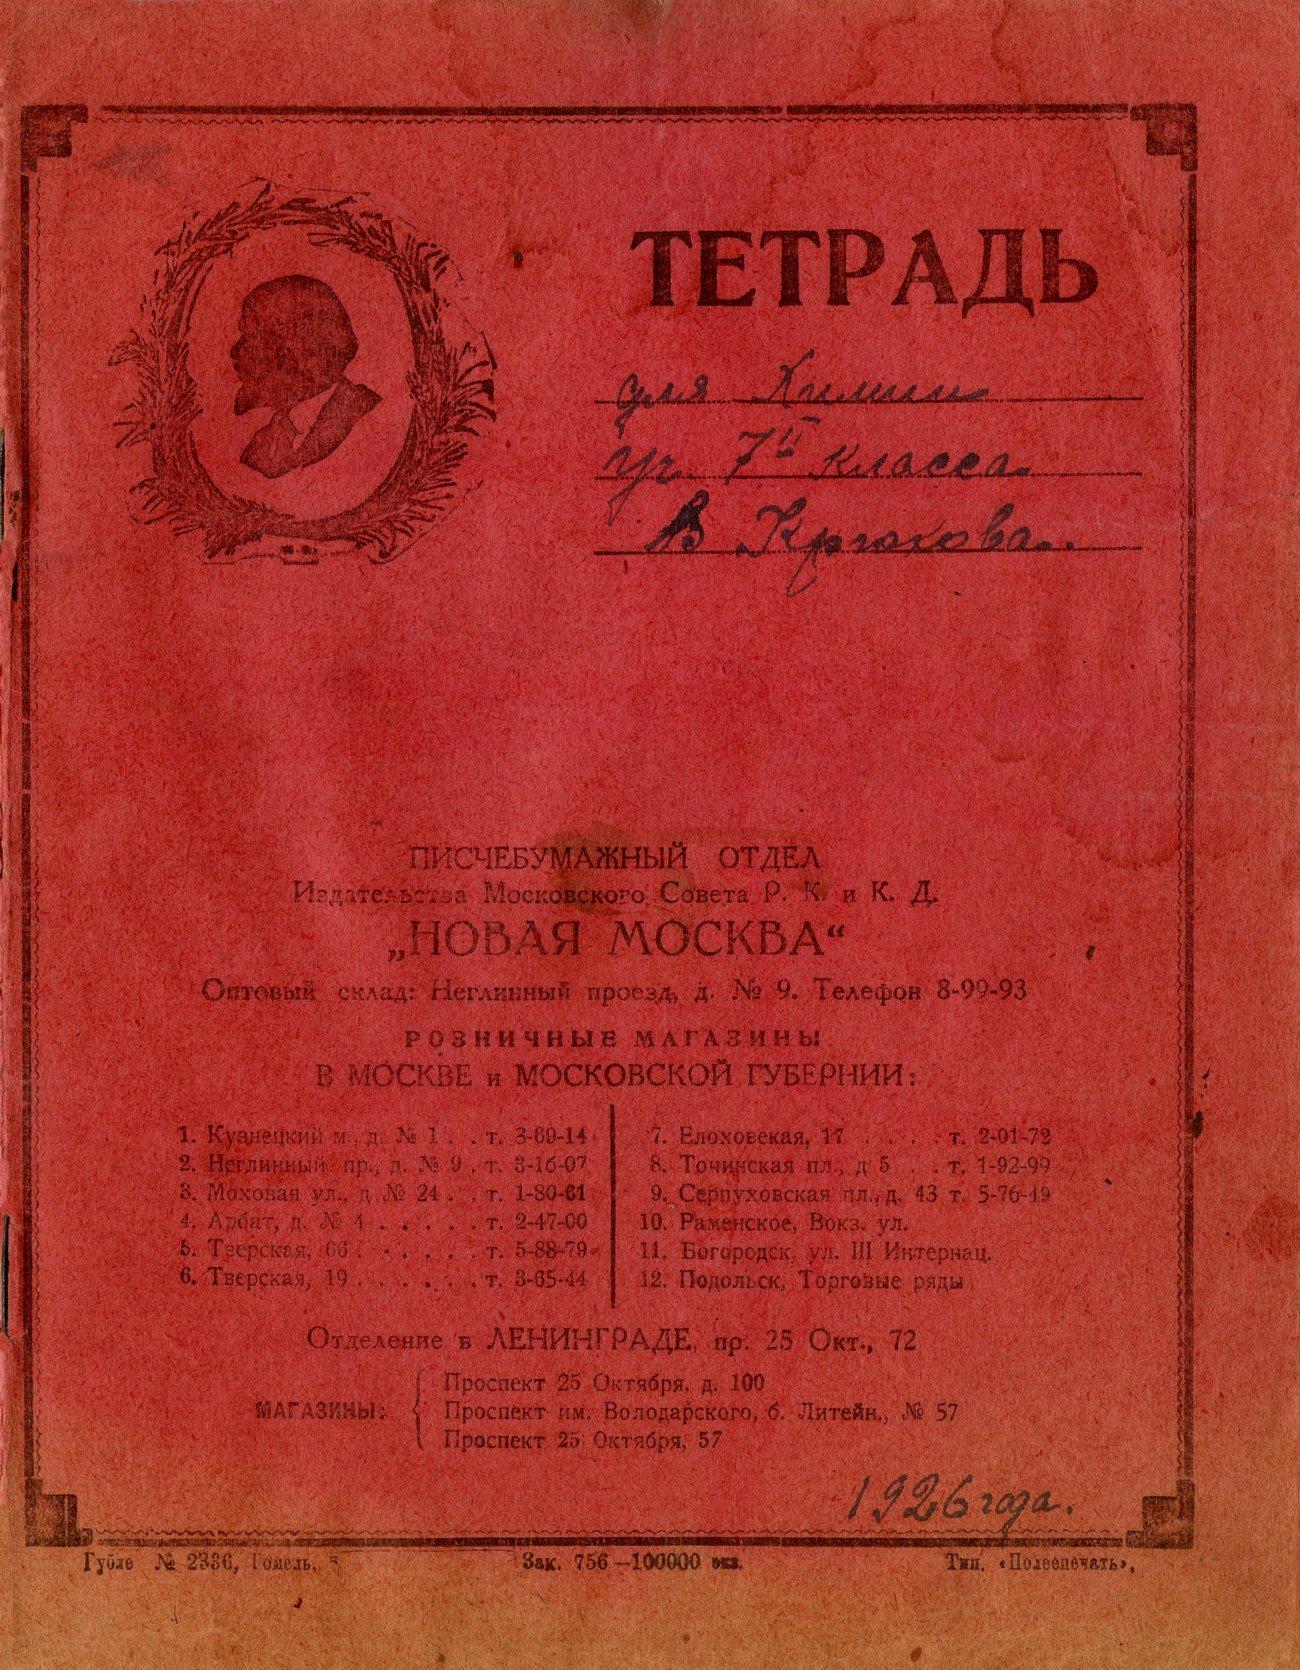 Тетрадь для химии Крюкова Ленин 1926 001